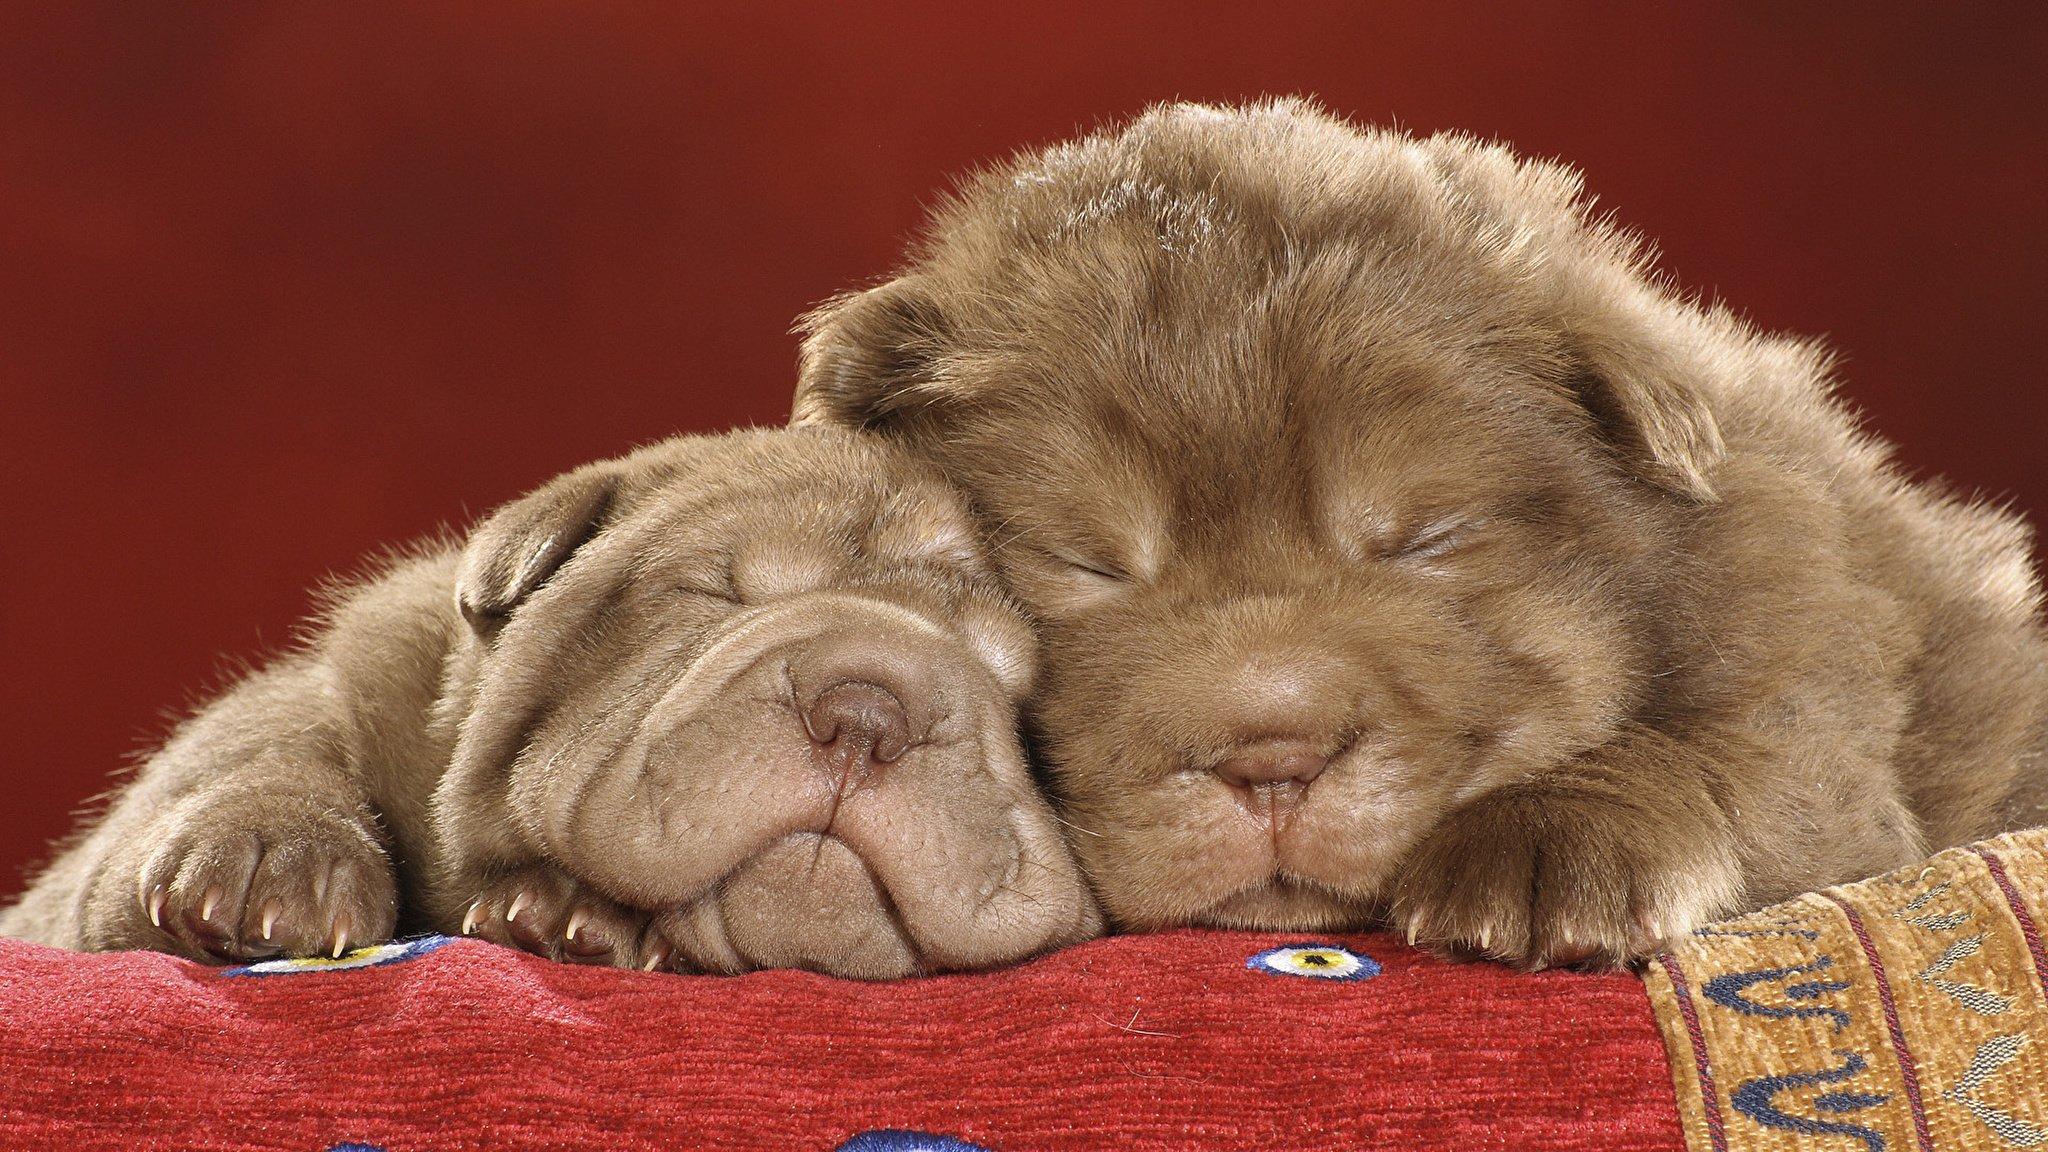 Картинки сладких животных